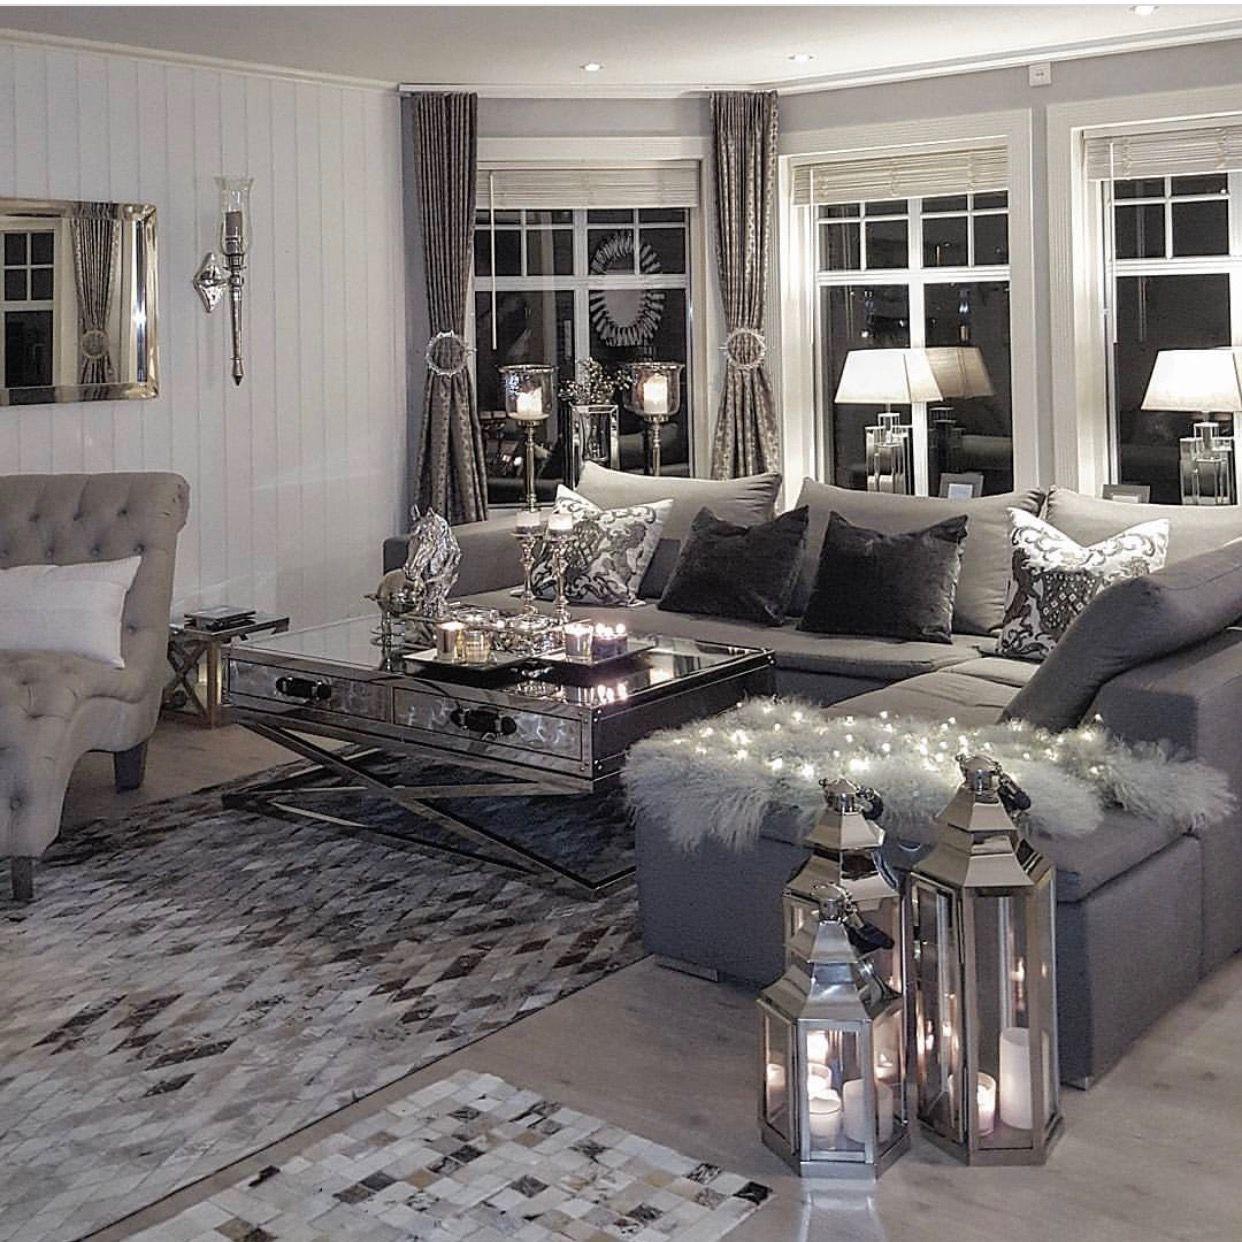 Sala de estar   sala de estar   Pinterest   Wohnzimmer, für zu Hause ...